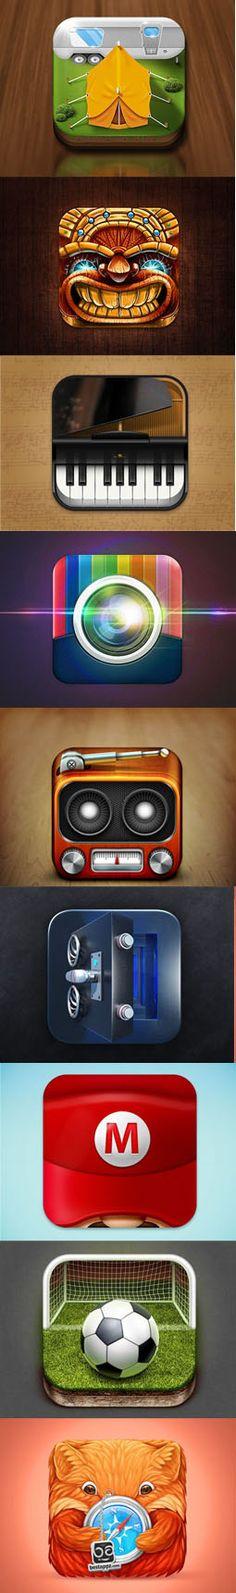 iOS App Icon Designs http://graphicdesignjunction.com/2013/04/ios-app-icon-designs/